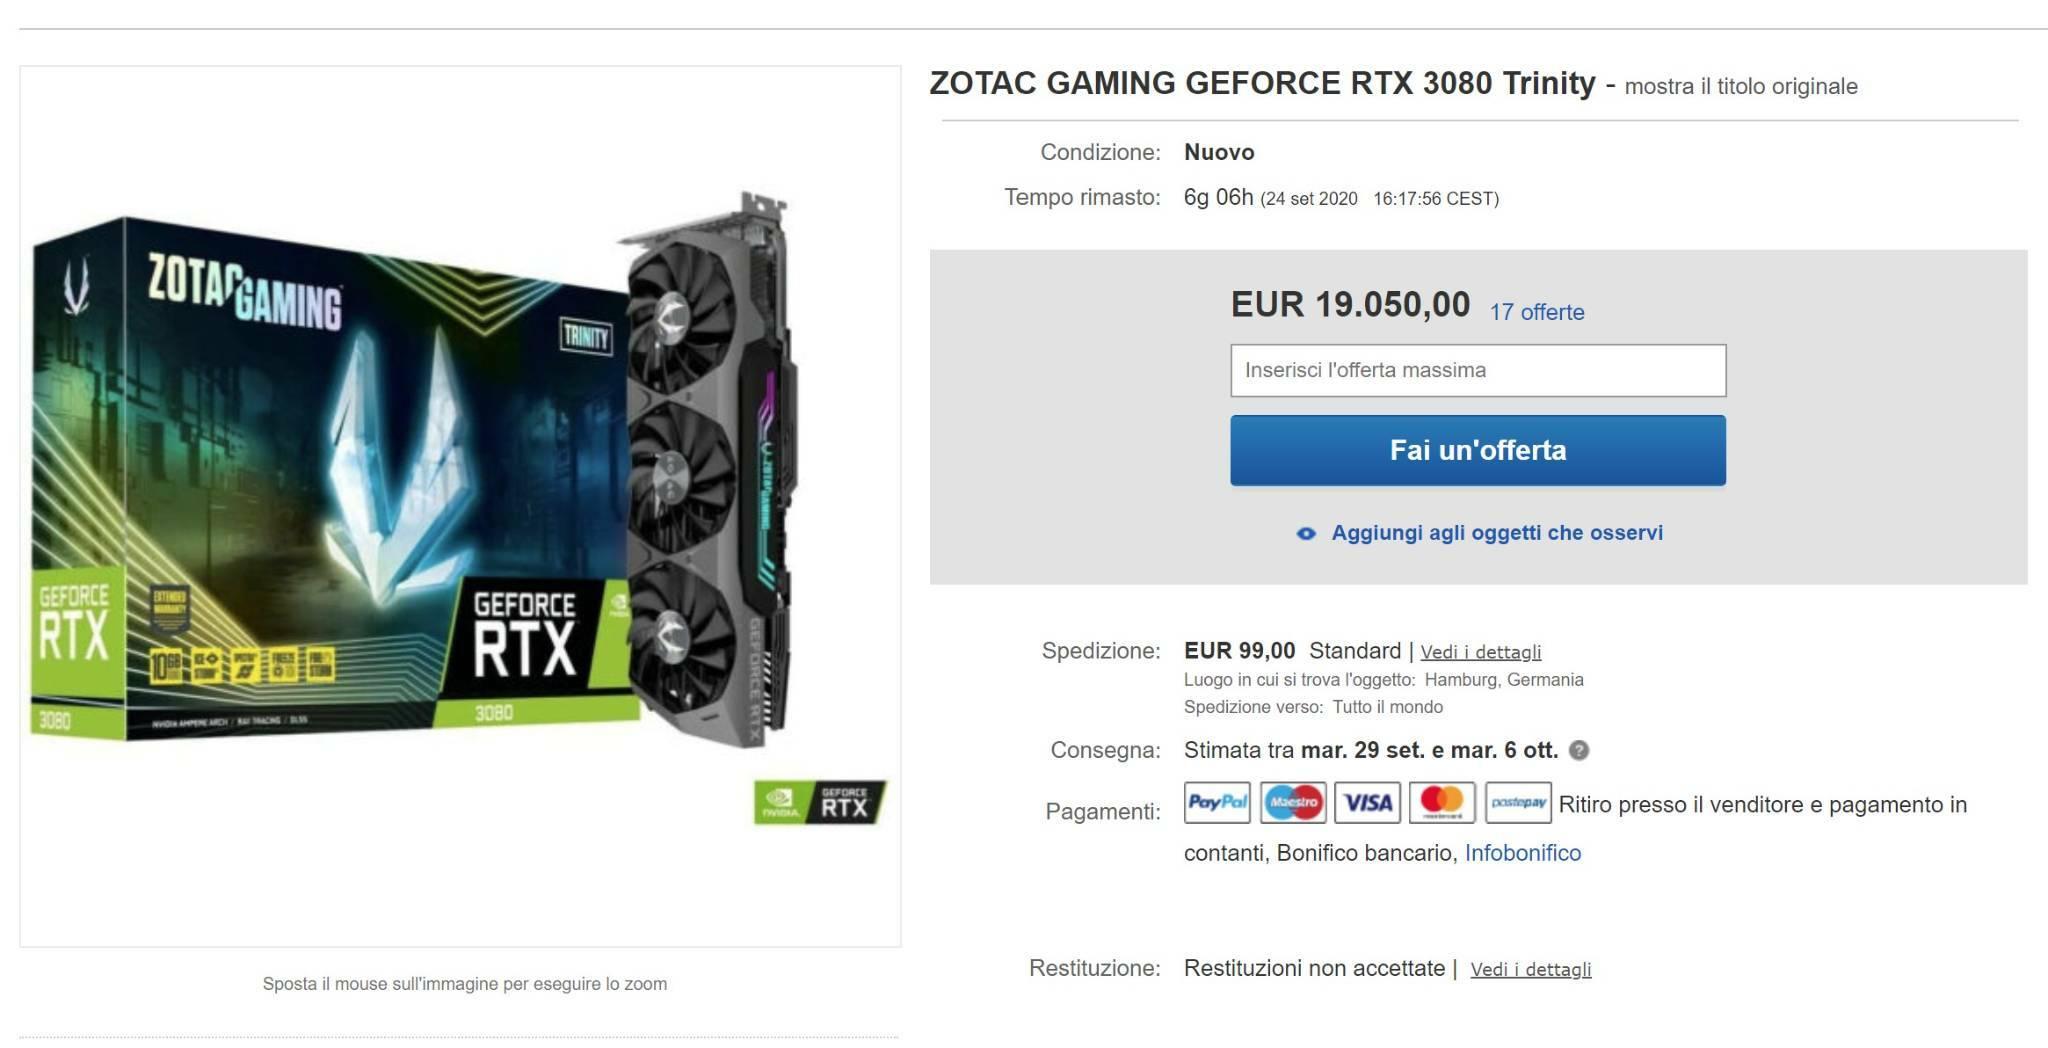 ZOTAC RTX 3080 eBay 20k